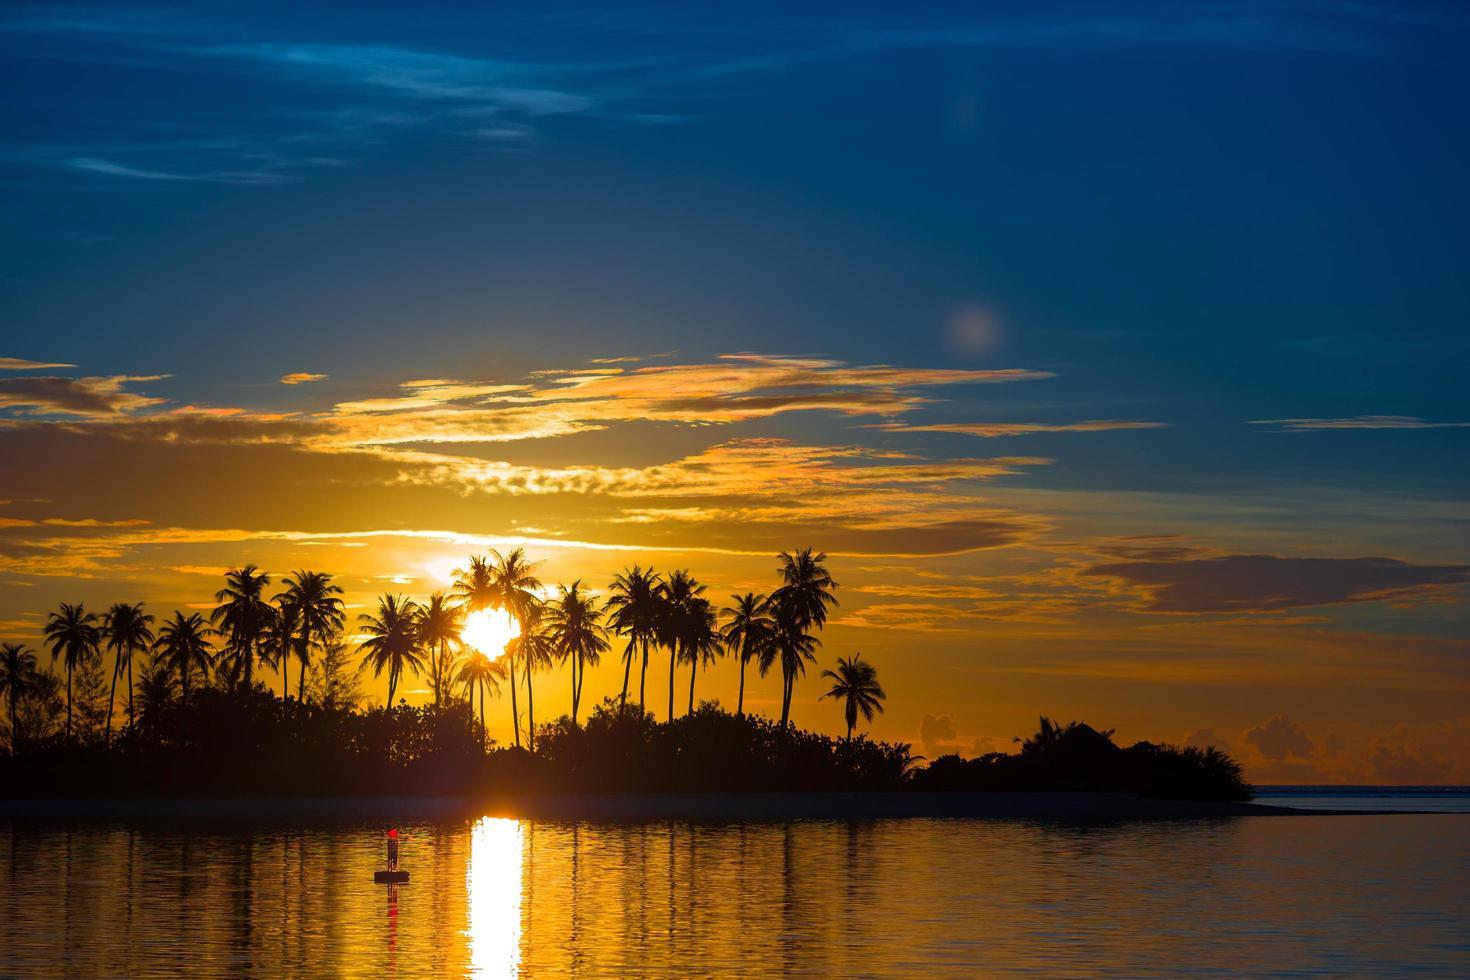 colorido atardecer en una playa tropical foto